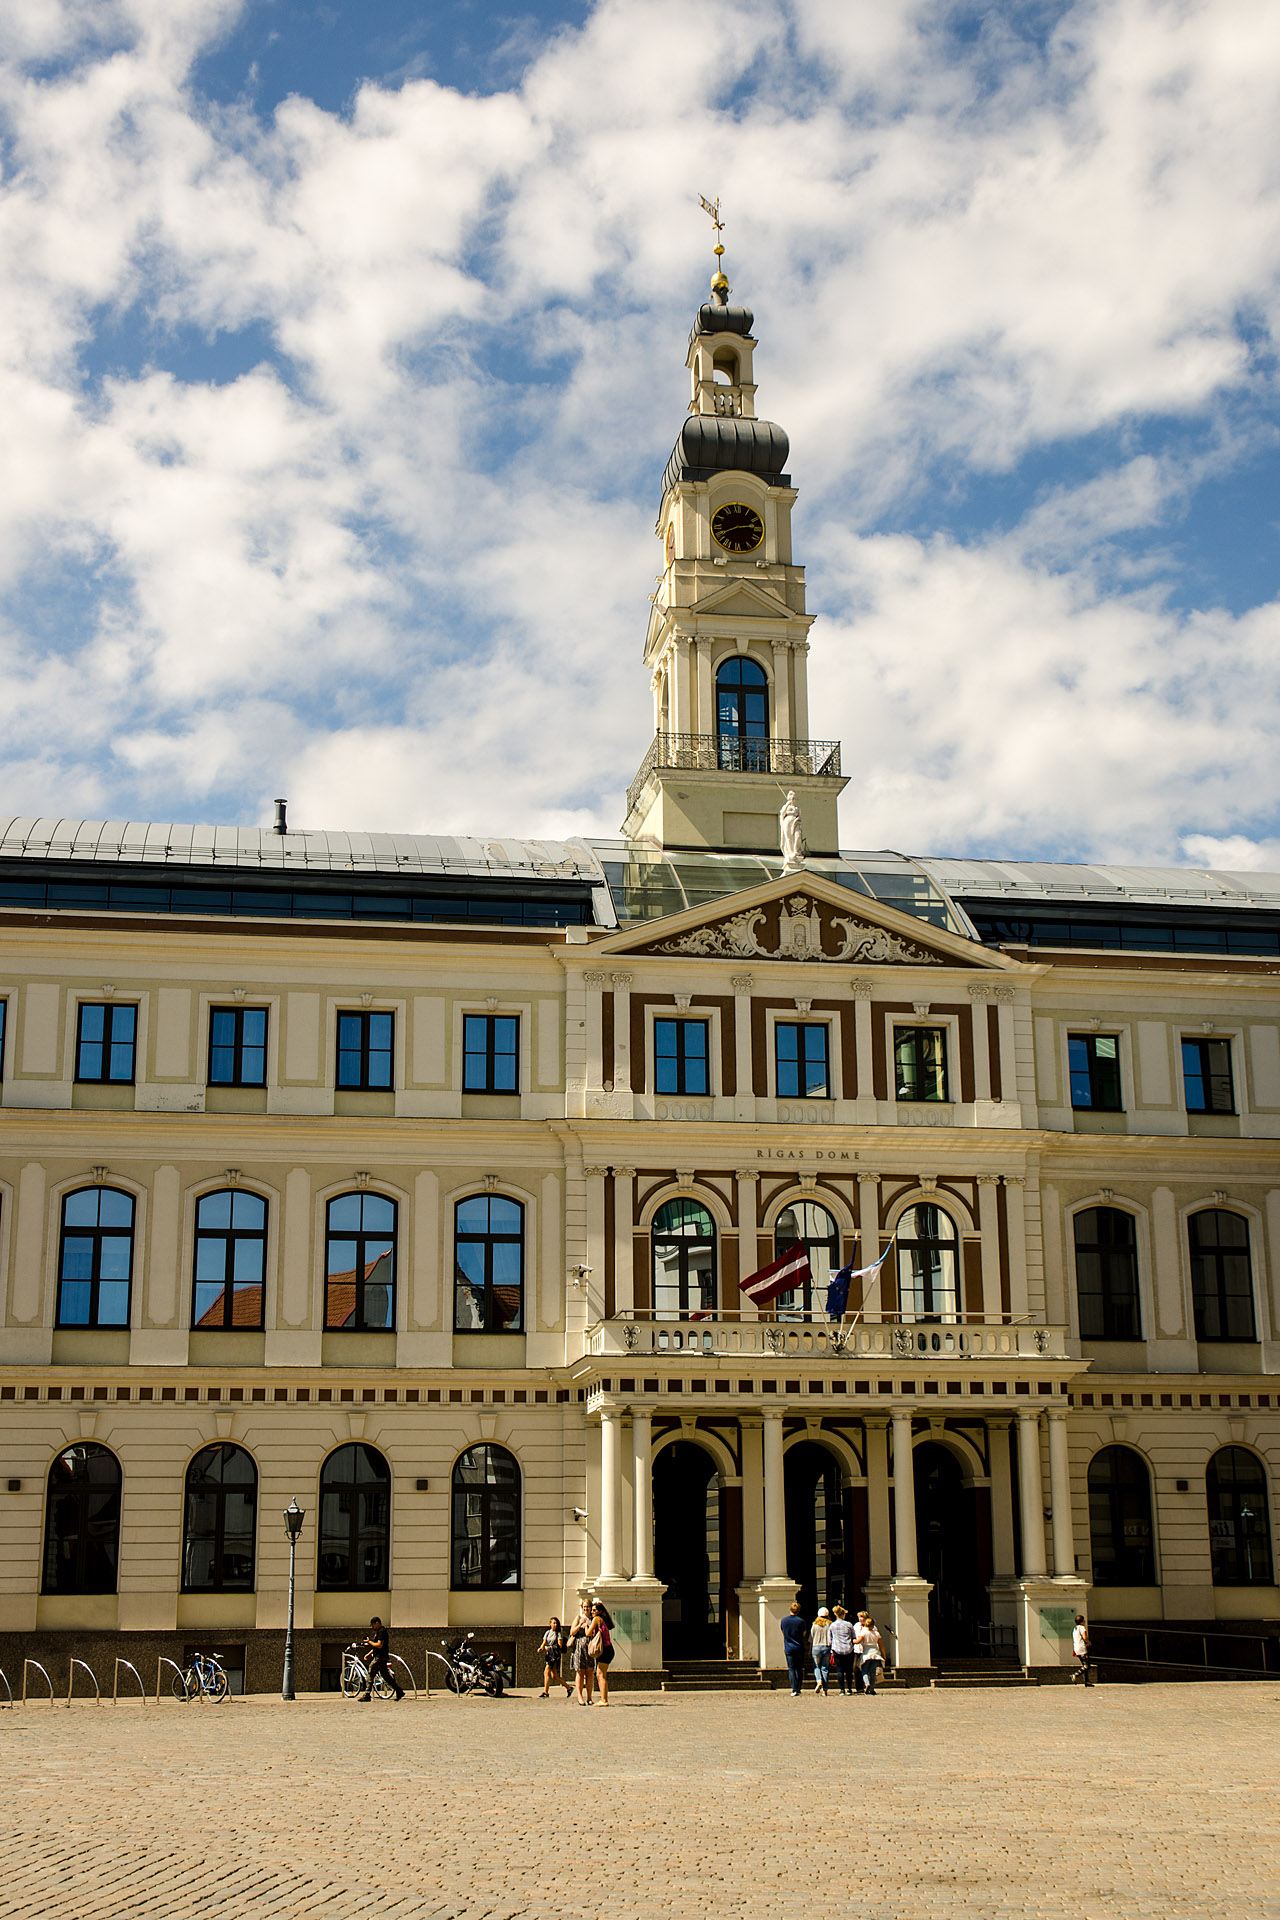 City Council building